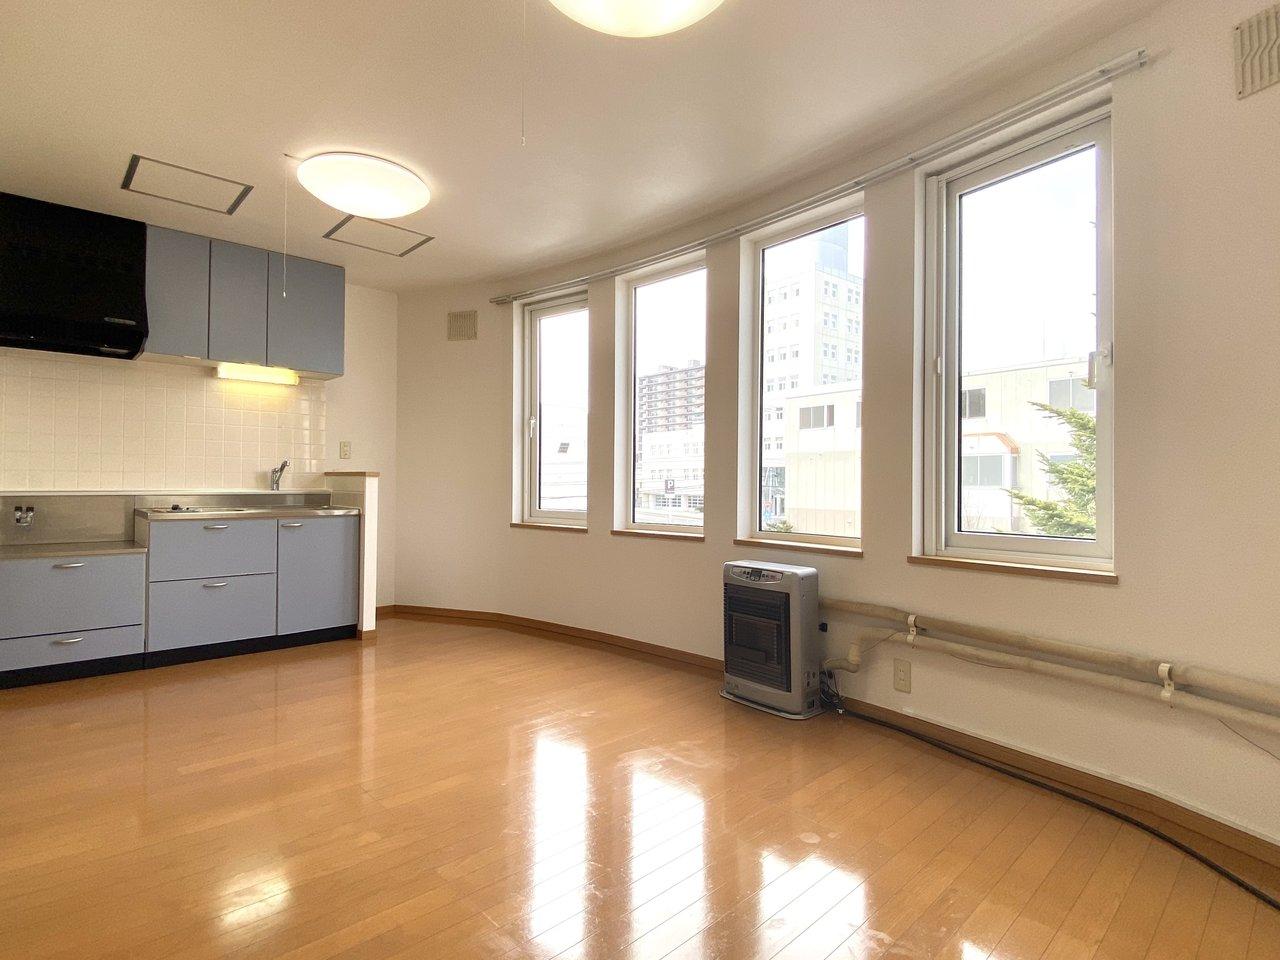 駅から徒歩5分の好立地!室内は9.4畳のワンルームで、窓側が湾曲している間取りです。ぐるりと窓に囲まれているので、とても開放感がありますね!